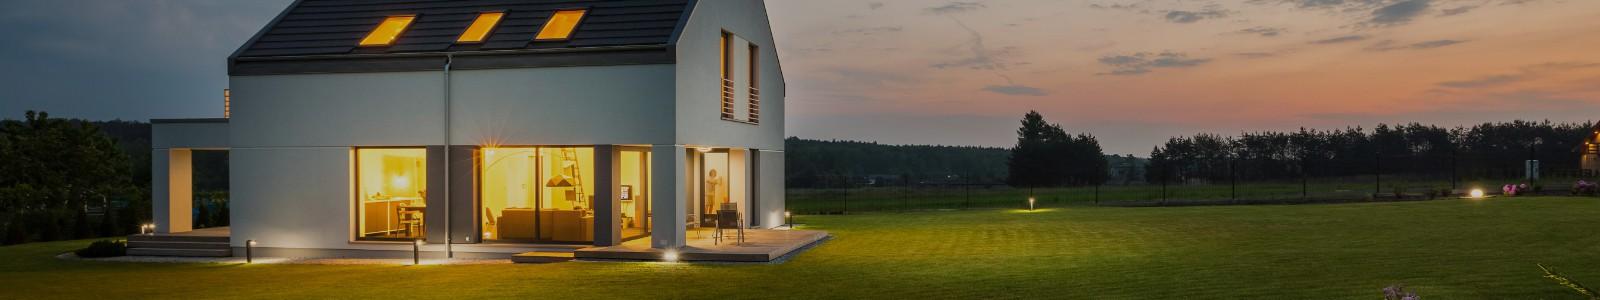 Projekty Domów z Dachem Płaskim | Płaski Dach